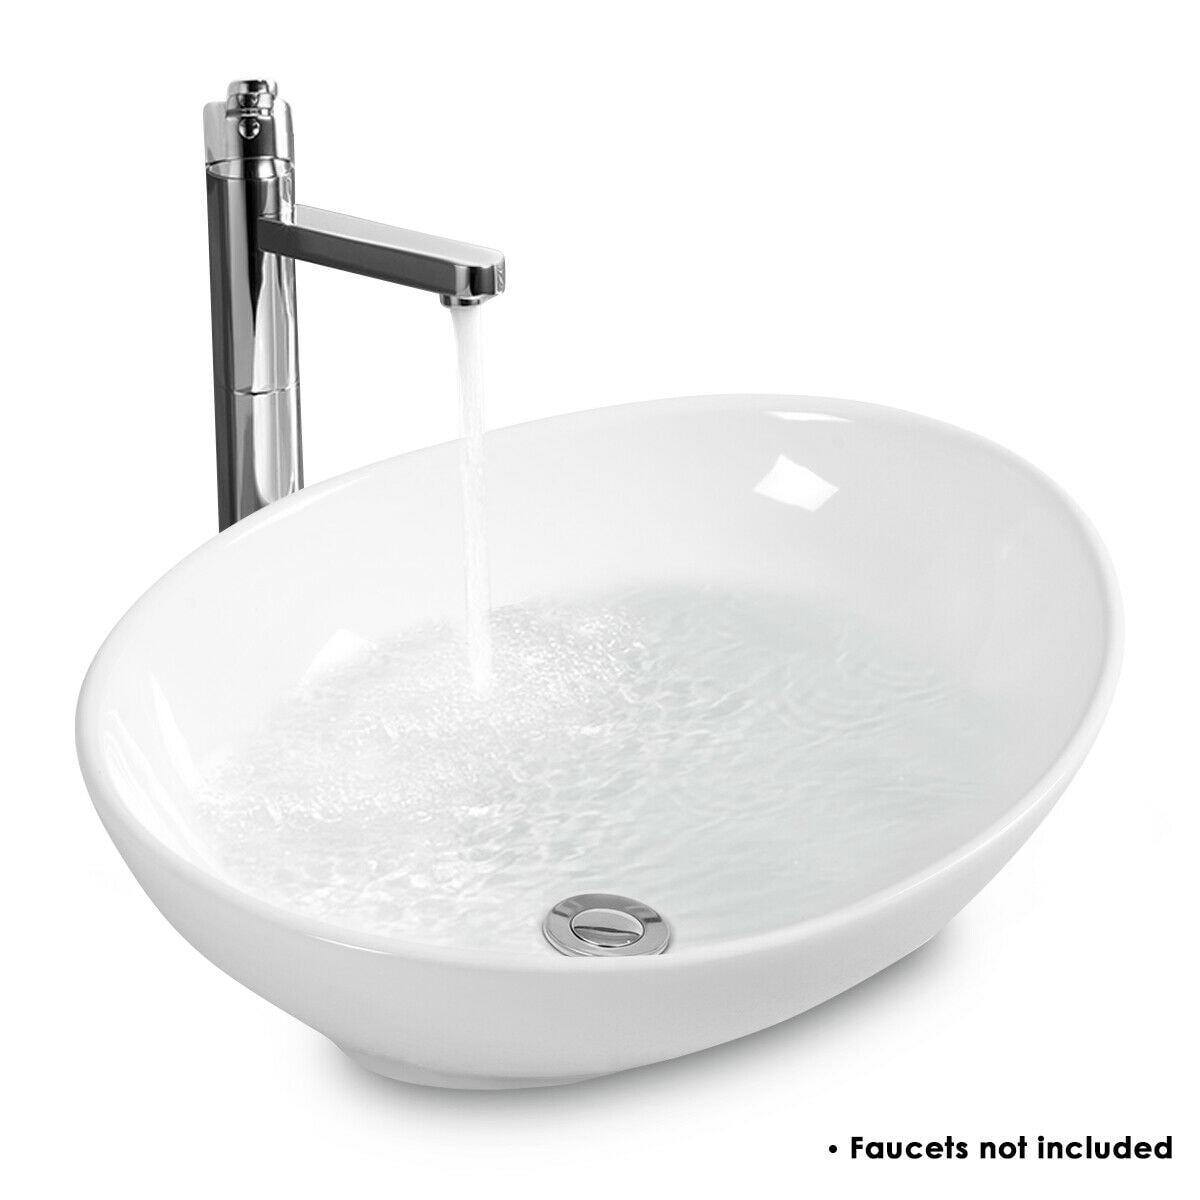 Ceramic Vessel Sink Bowl Vanity